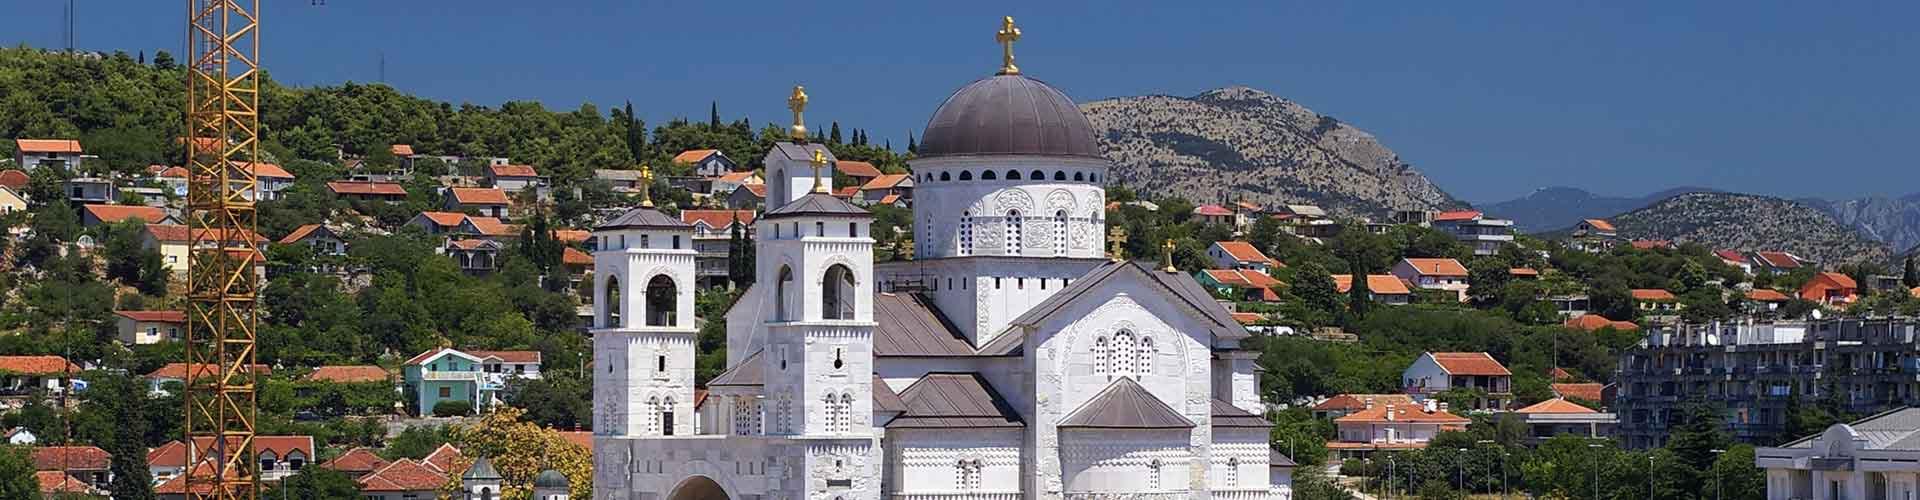 Podgorica - Hôtels à Podgorica. Cartes pour Podgorica, photos et commentaires pour chaque hôtel à Podgorica.